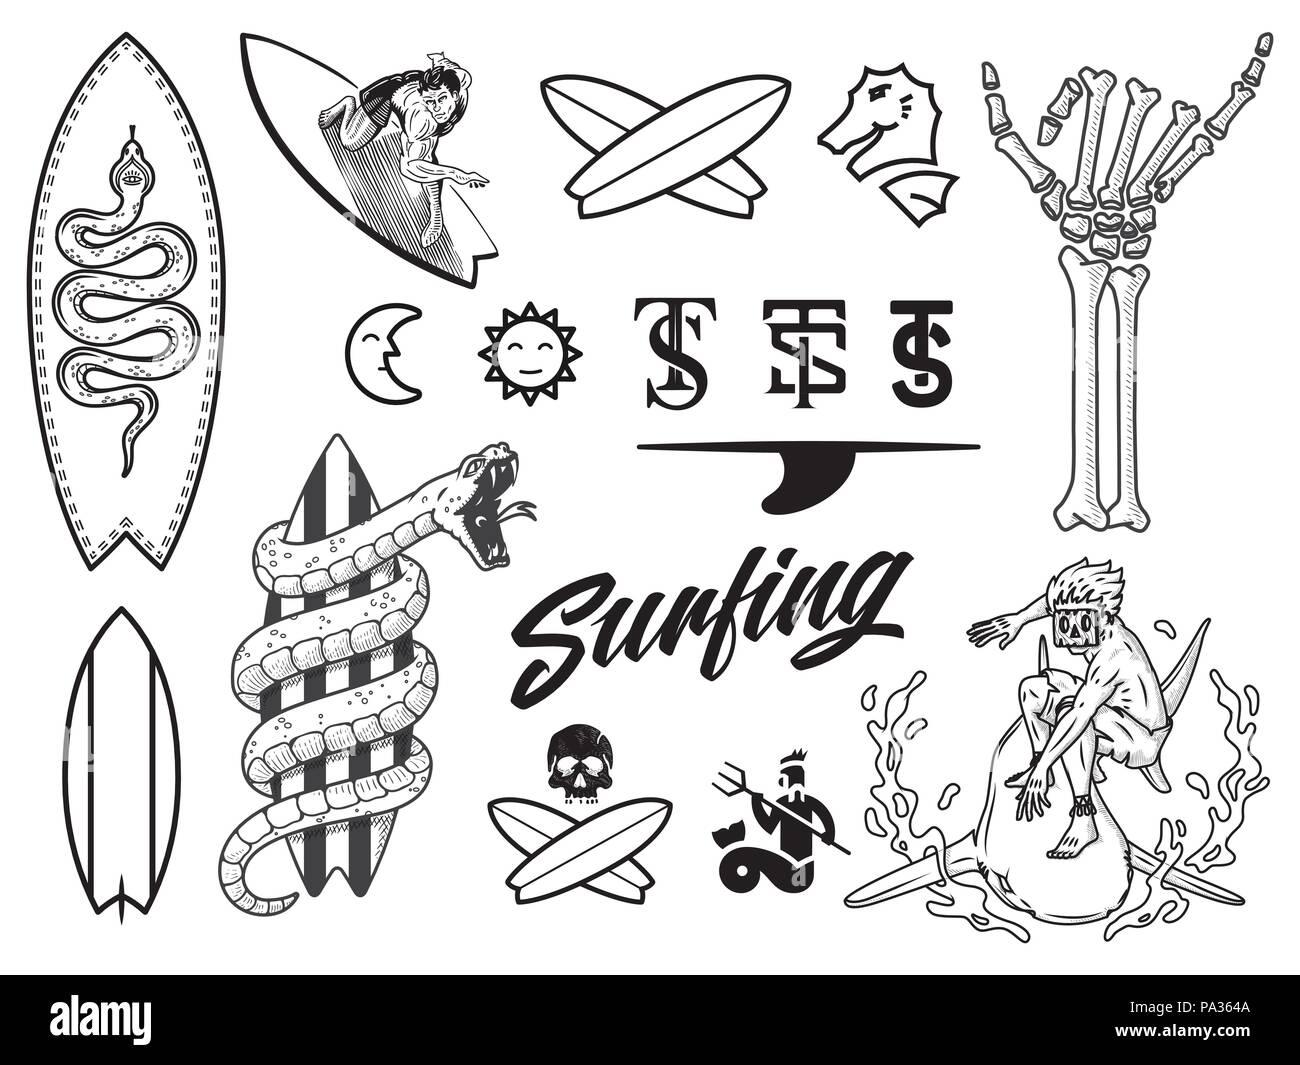 Disegno Nero Su Bianco.Pacchetto Surf Nero Su Bianco E Una Illustrazione Vettoriale